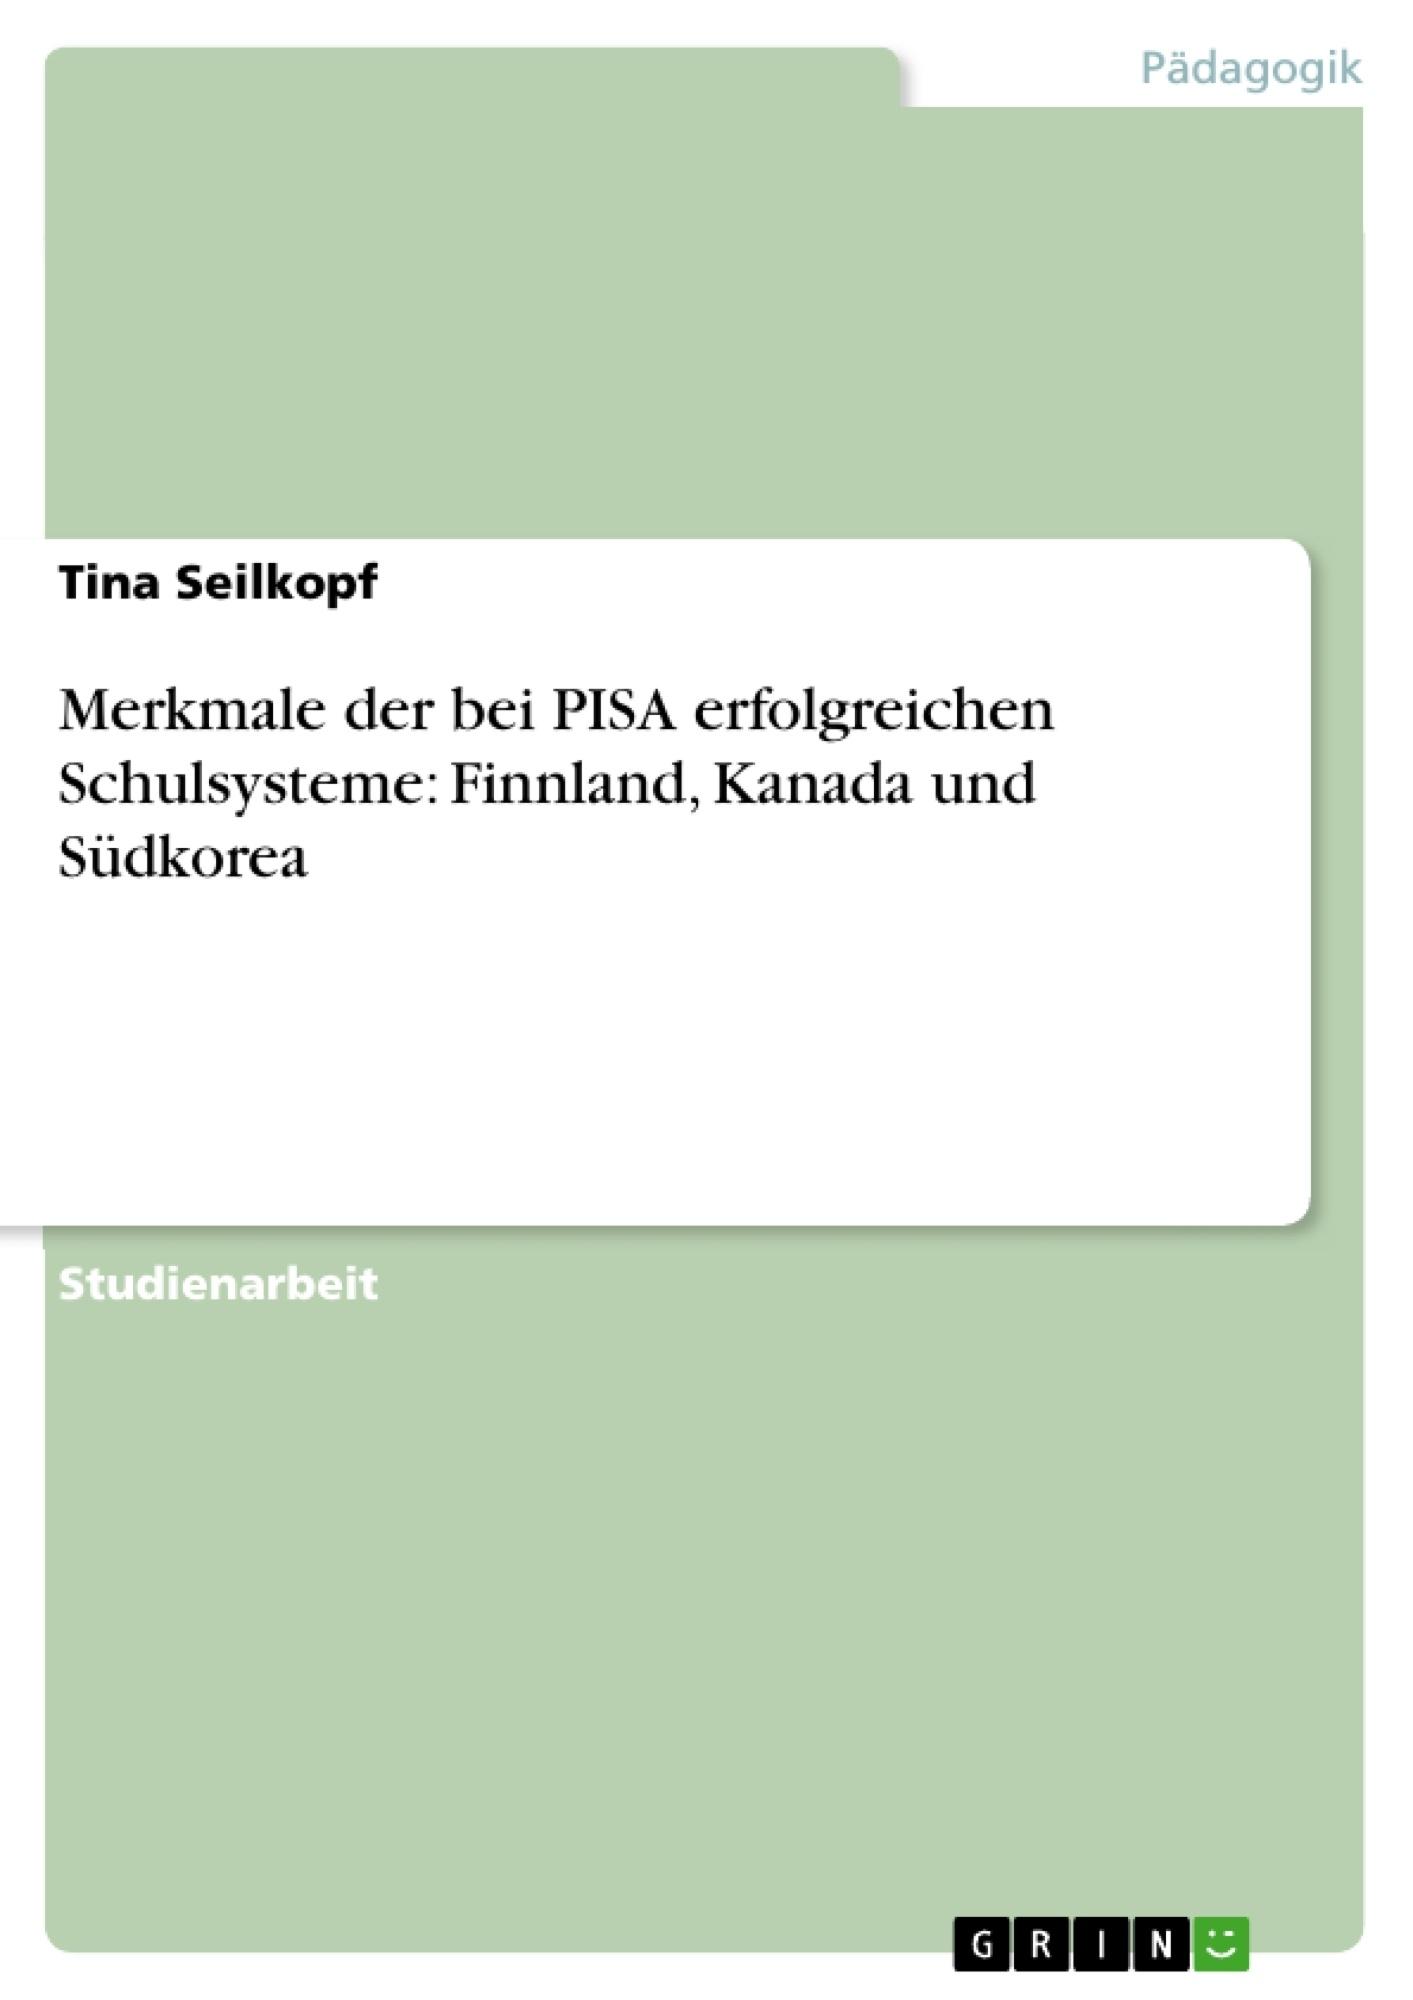 Titel: Merkmale der bei PISA erfolgreichen Schulsysteme: Finnland, Kanada und Südkorea